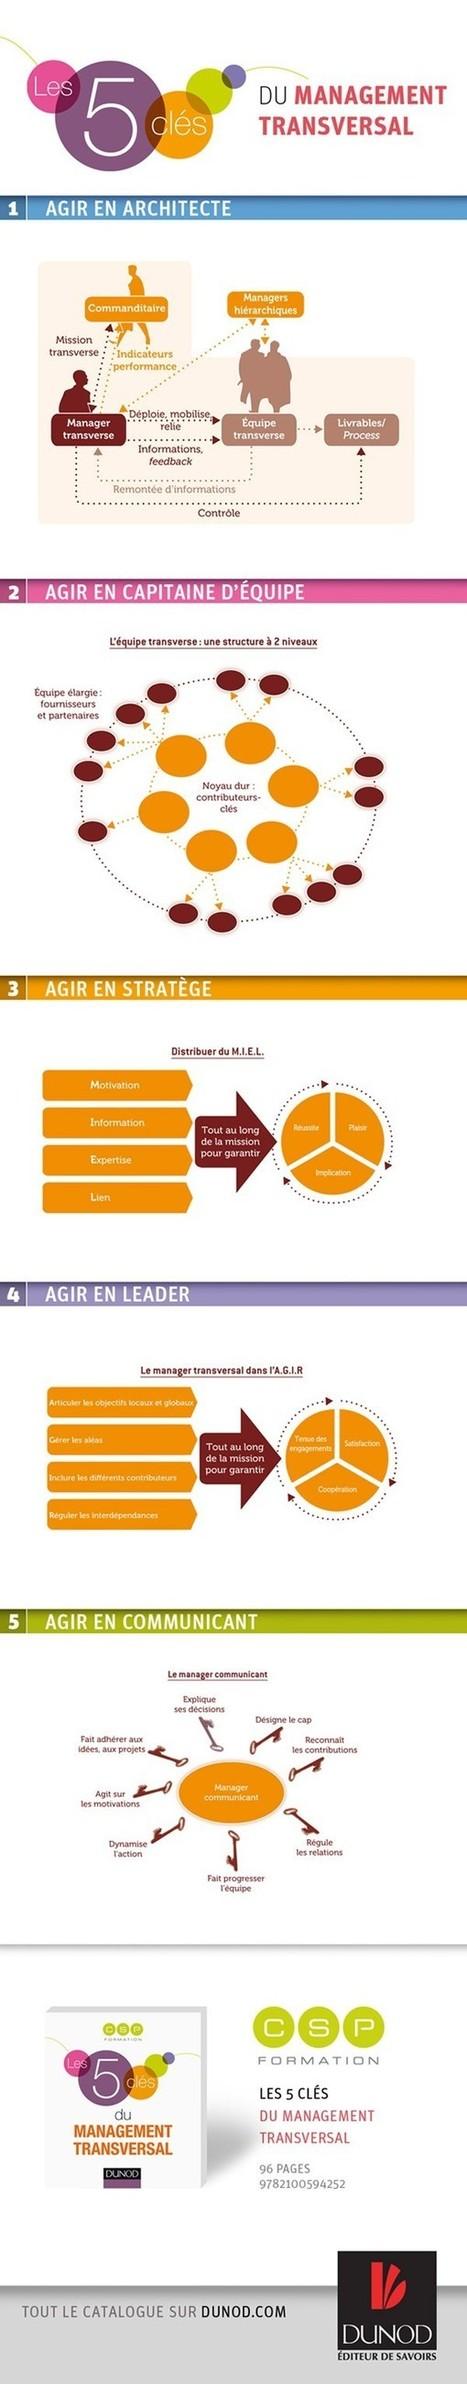 Pratiquez le management transversal avec succès | Stratégie | Scoop.it